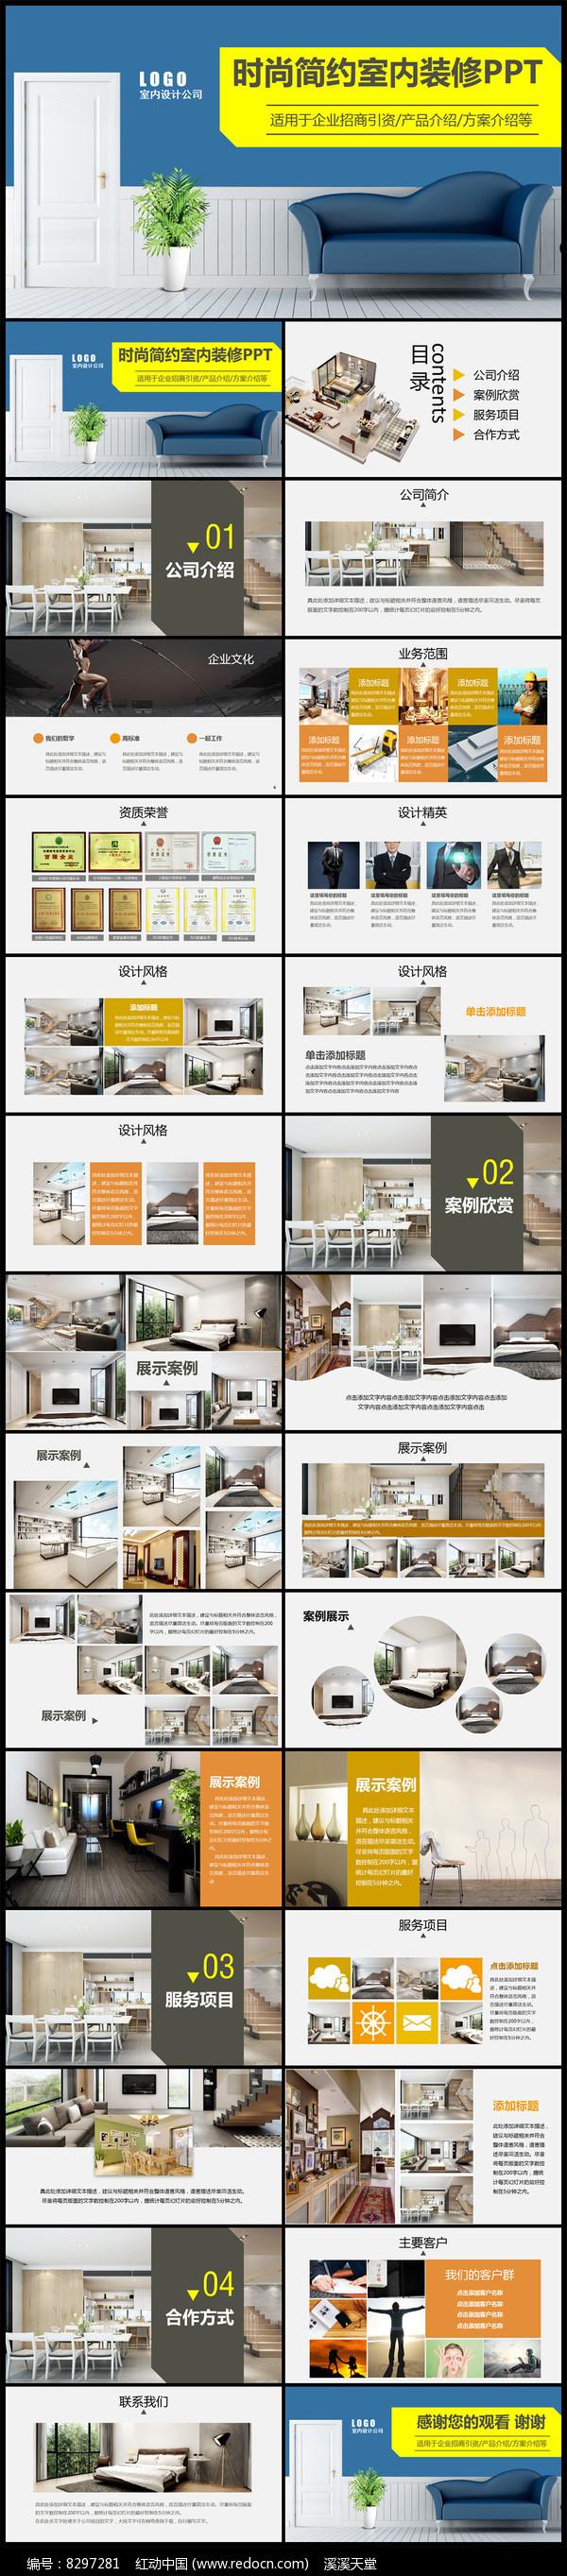 画册排版室内设计家具装修行业PPT图片